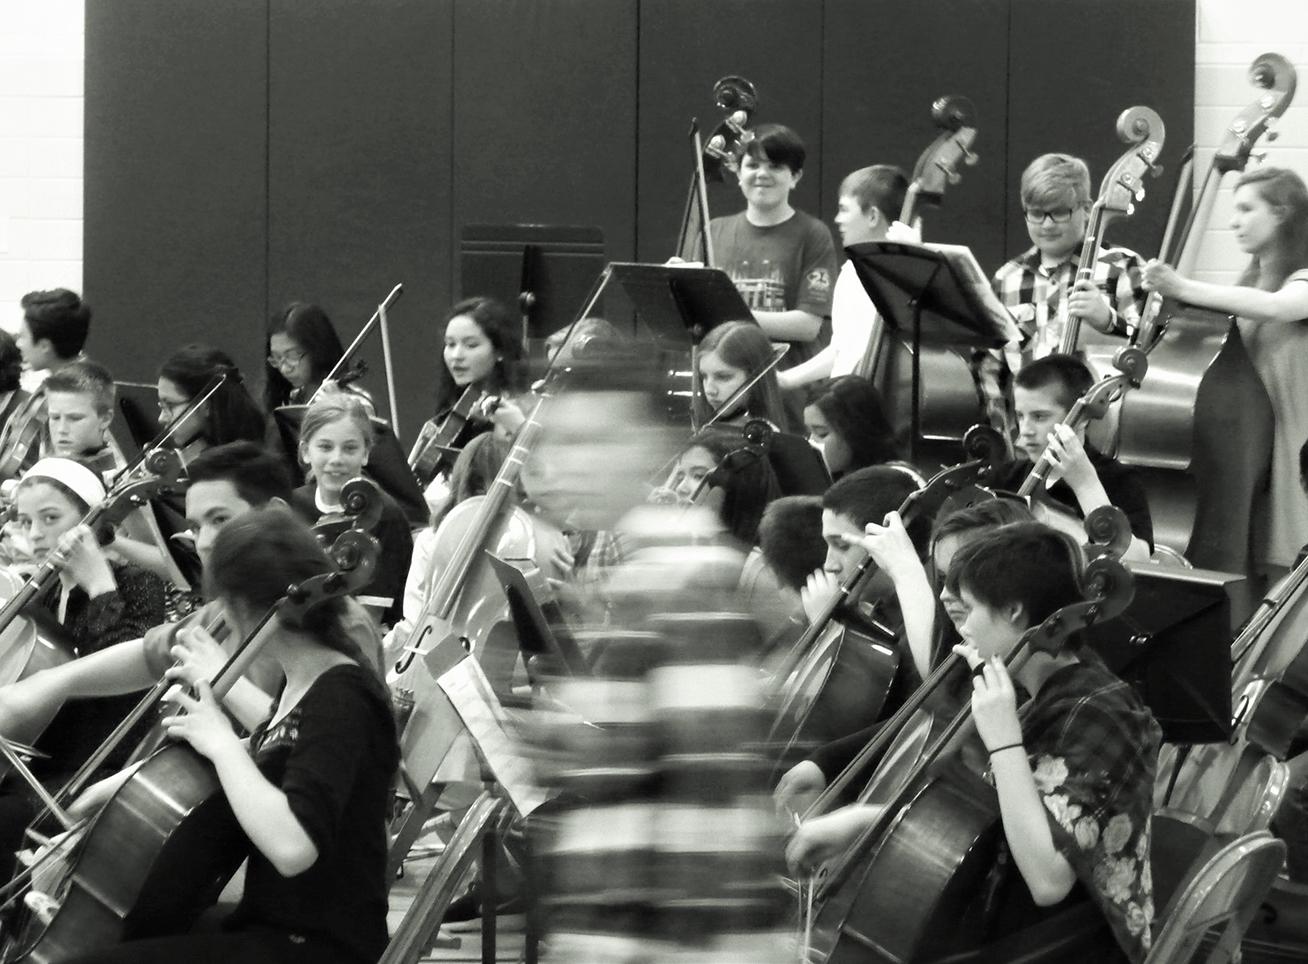 B3-Peddada-concert-interrupter.JPG